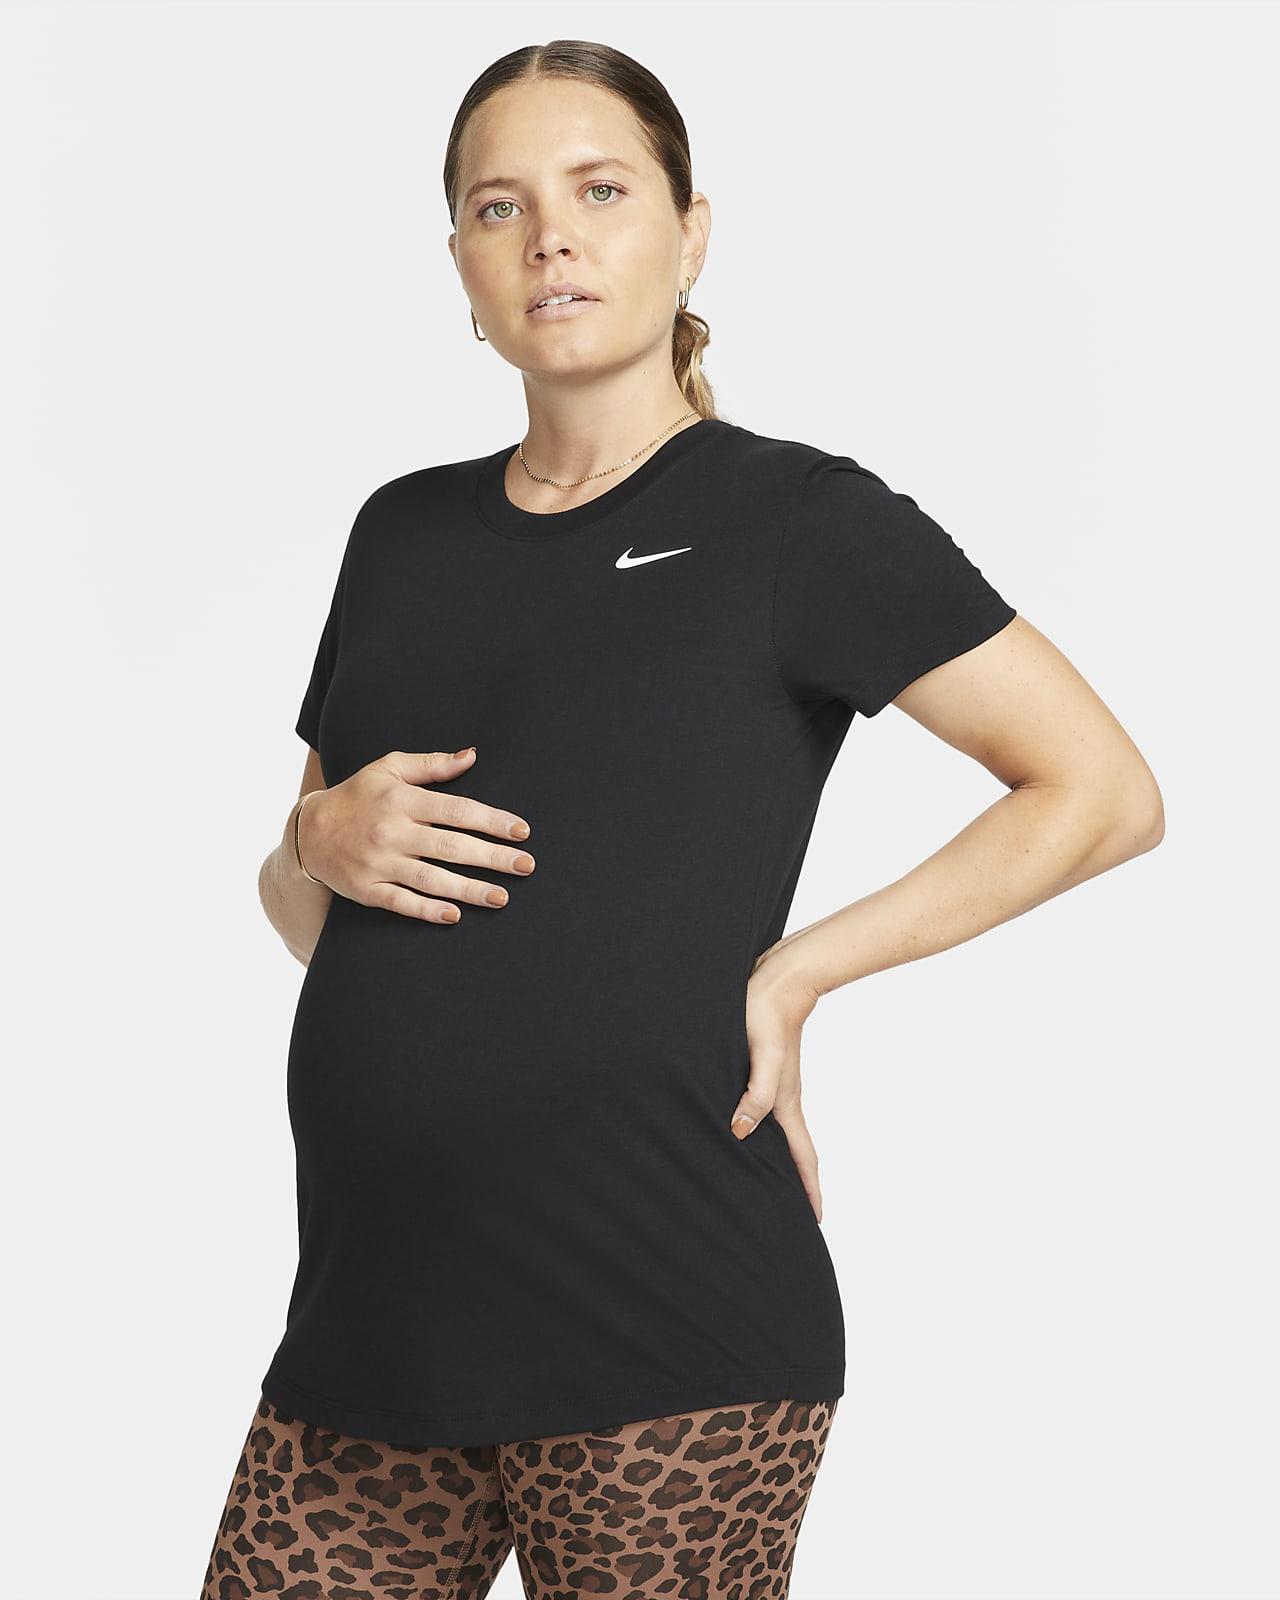 T-shirt per la maternità Nike Dri-FIT (M) - Donna